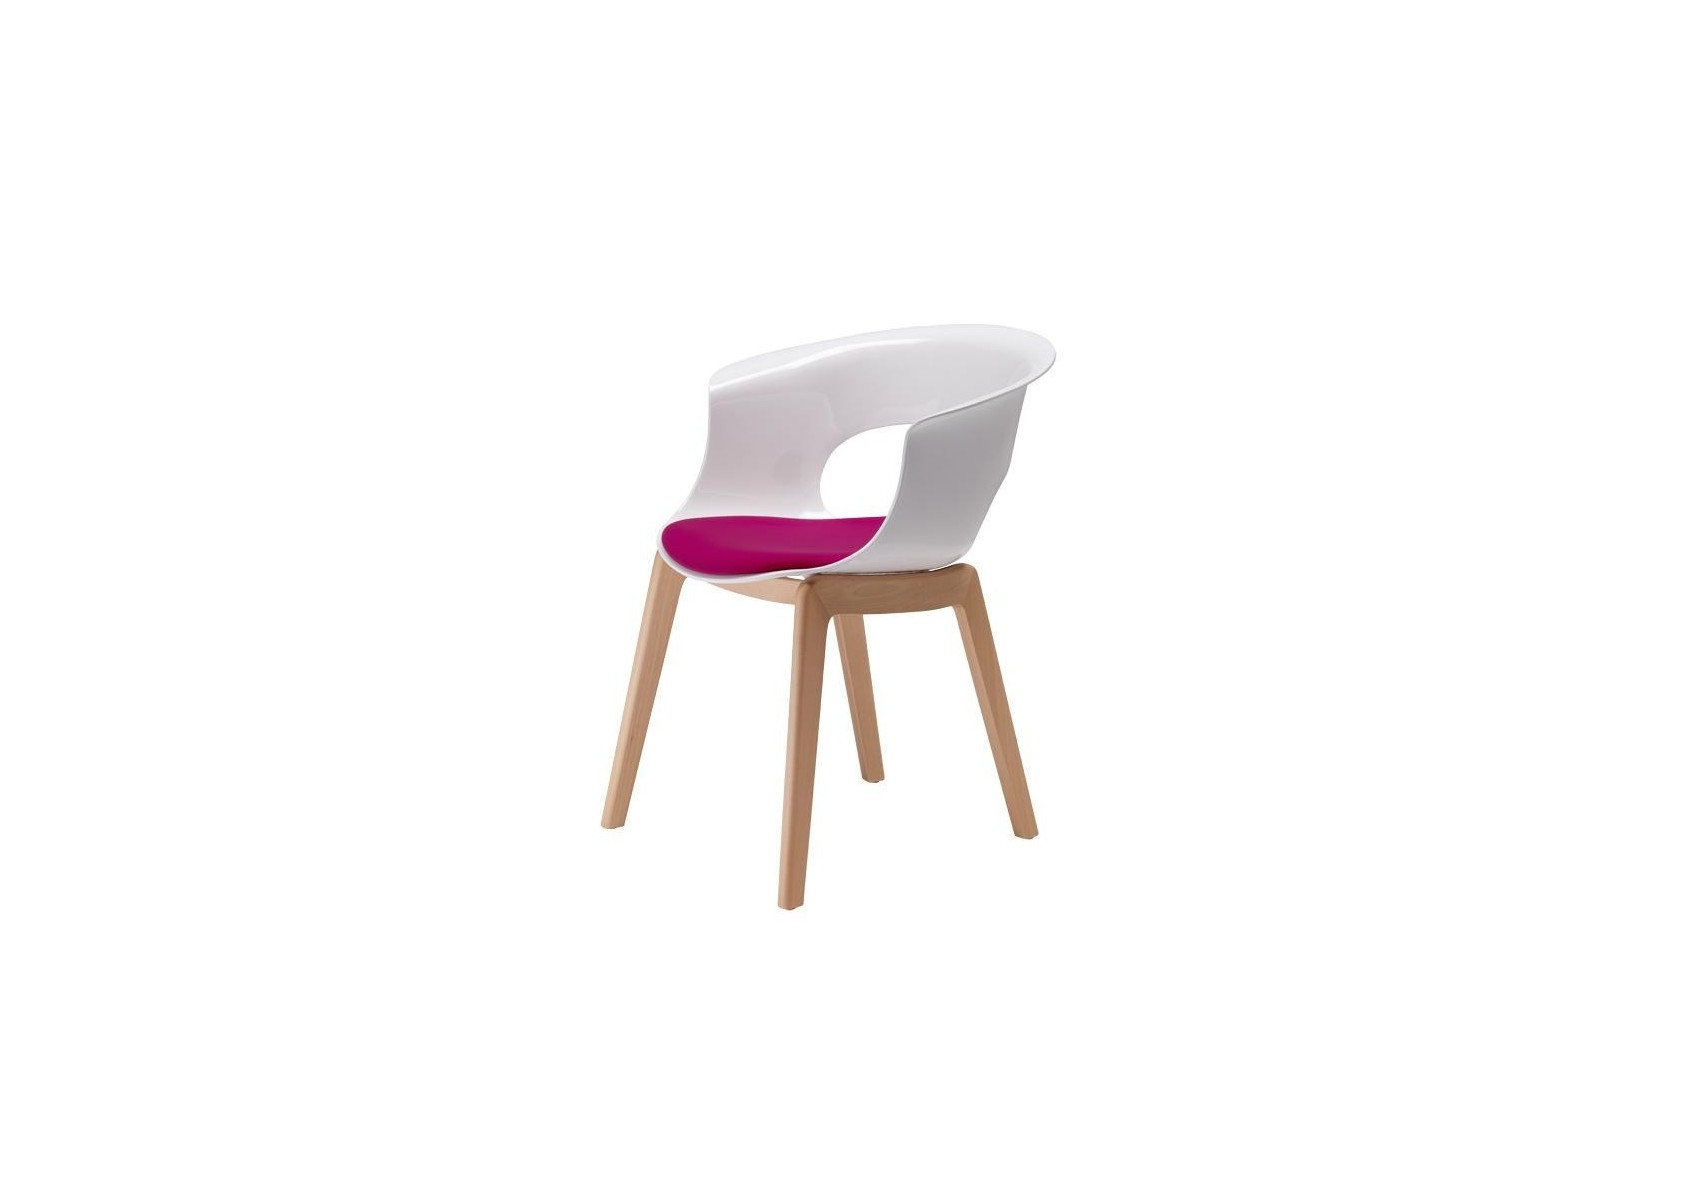 chaise design avec pieds bois - natural miss b antishock avec ... - Chaise Blanche Pied En Bois